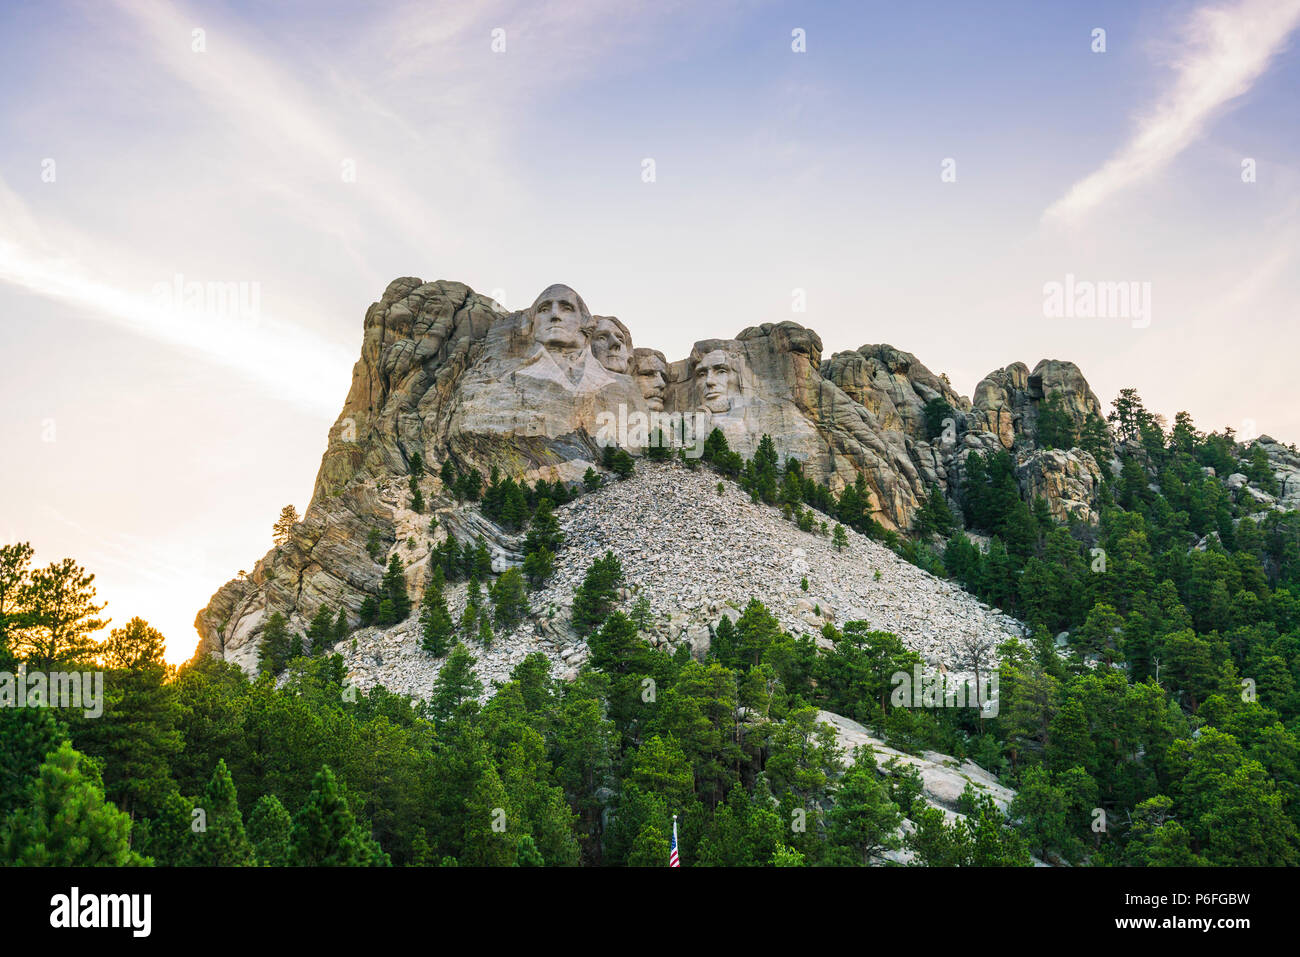 mount Rushmore natonal memorial  at sunset. - Stock Image